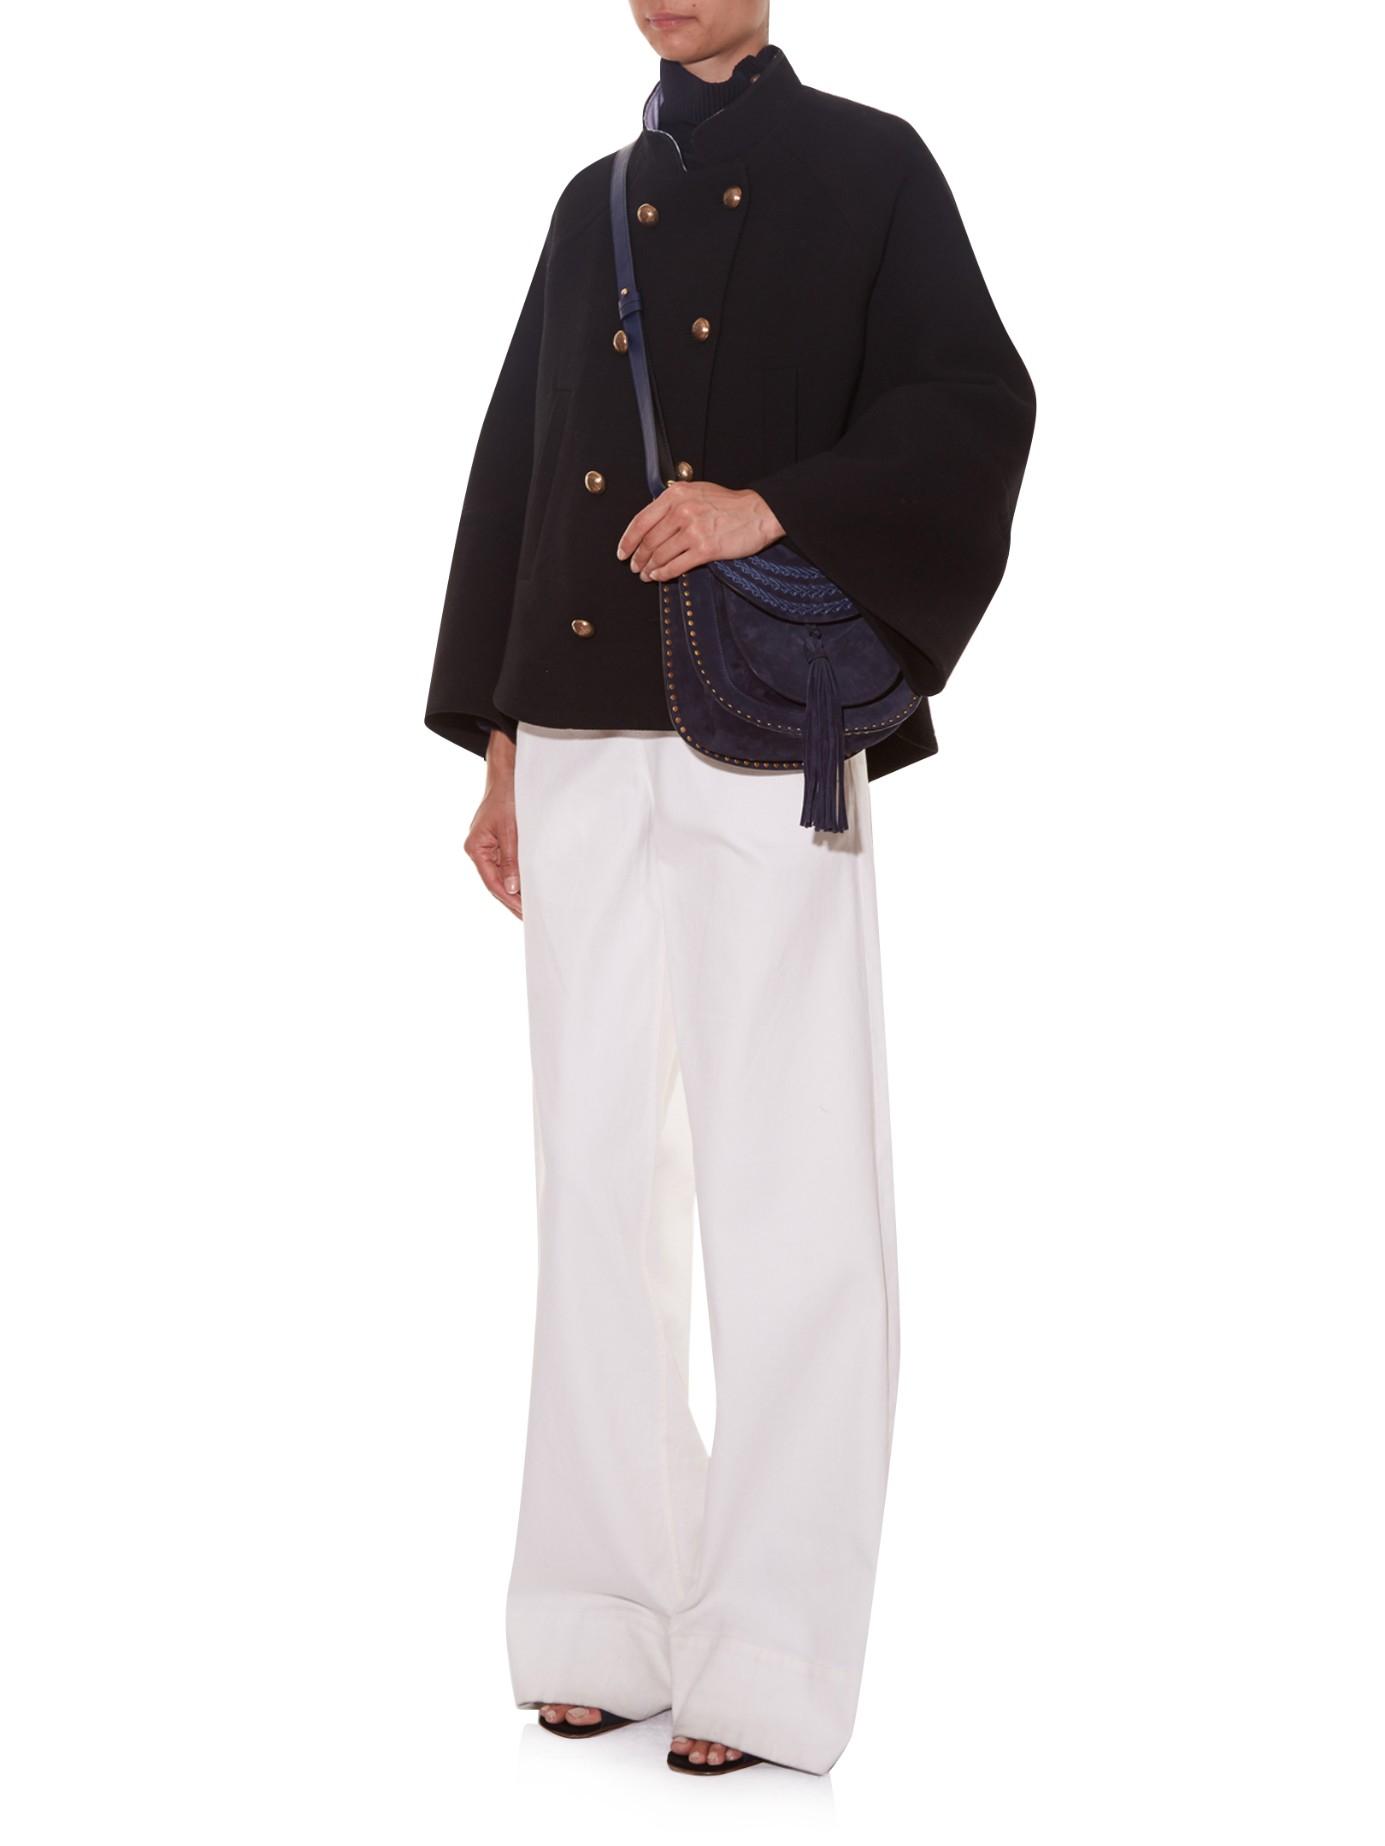 chloe look alike handbags - Chlo�� Hudson Small Suede Cross-body Bag in Blue (NAVY) | Lyst